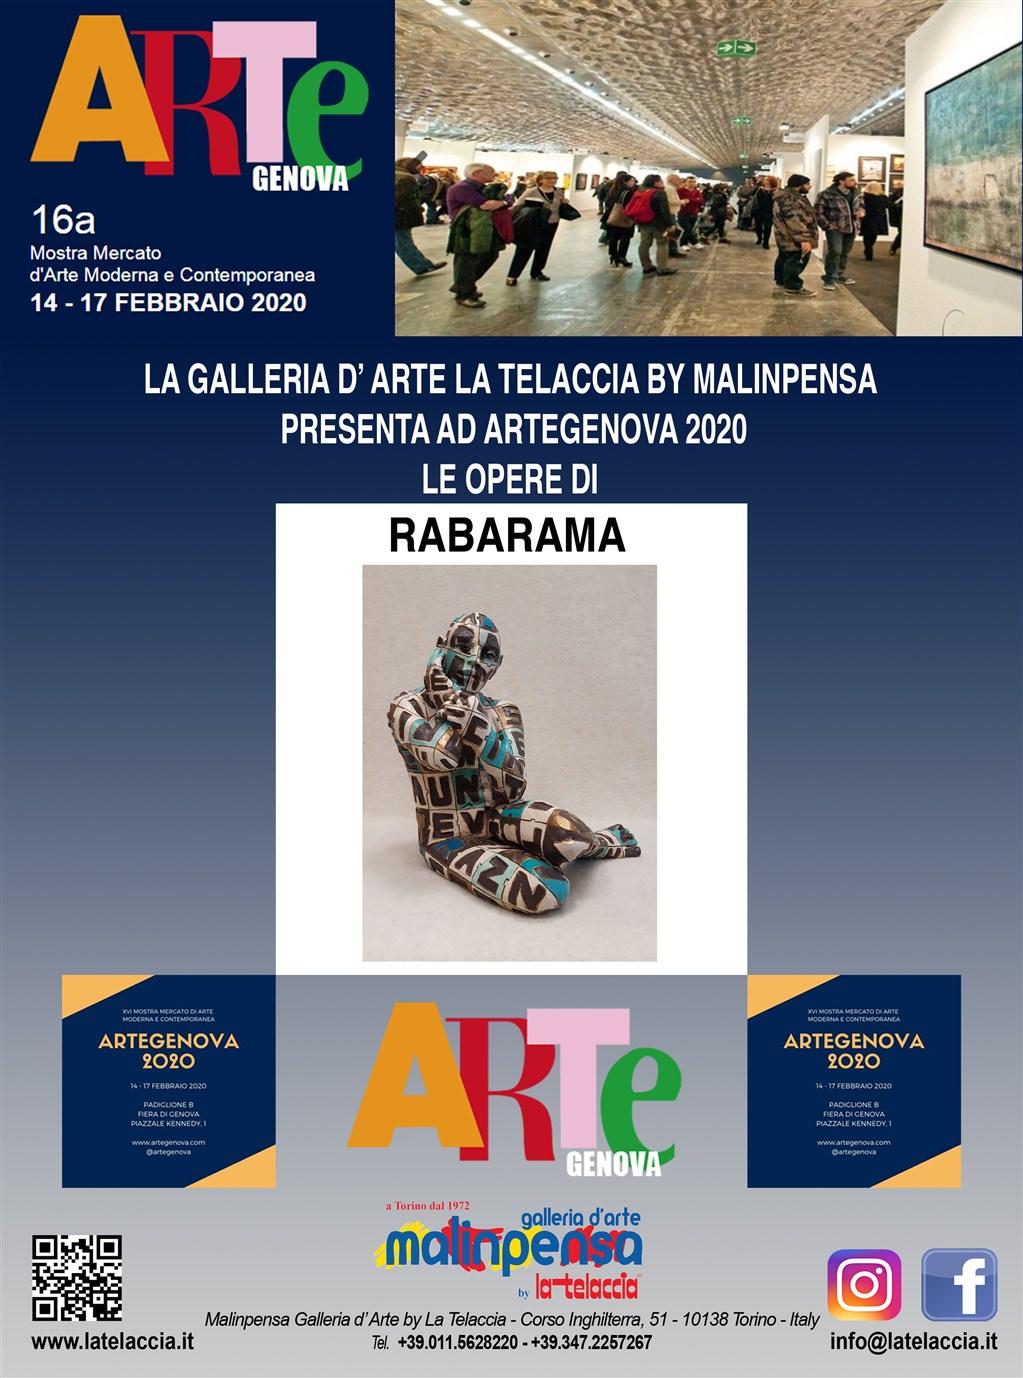 pubblicità_riviste_GENOVA_2020_RABARAMA.jpg